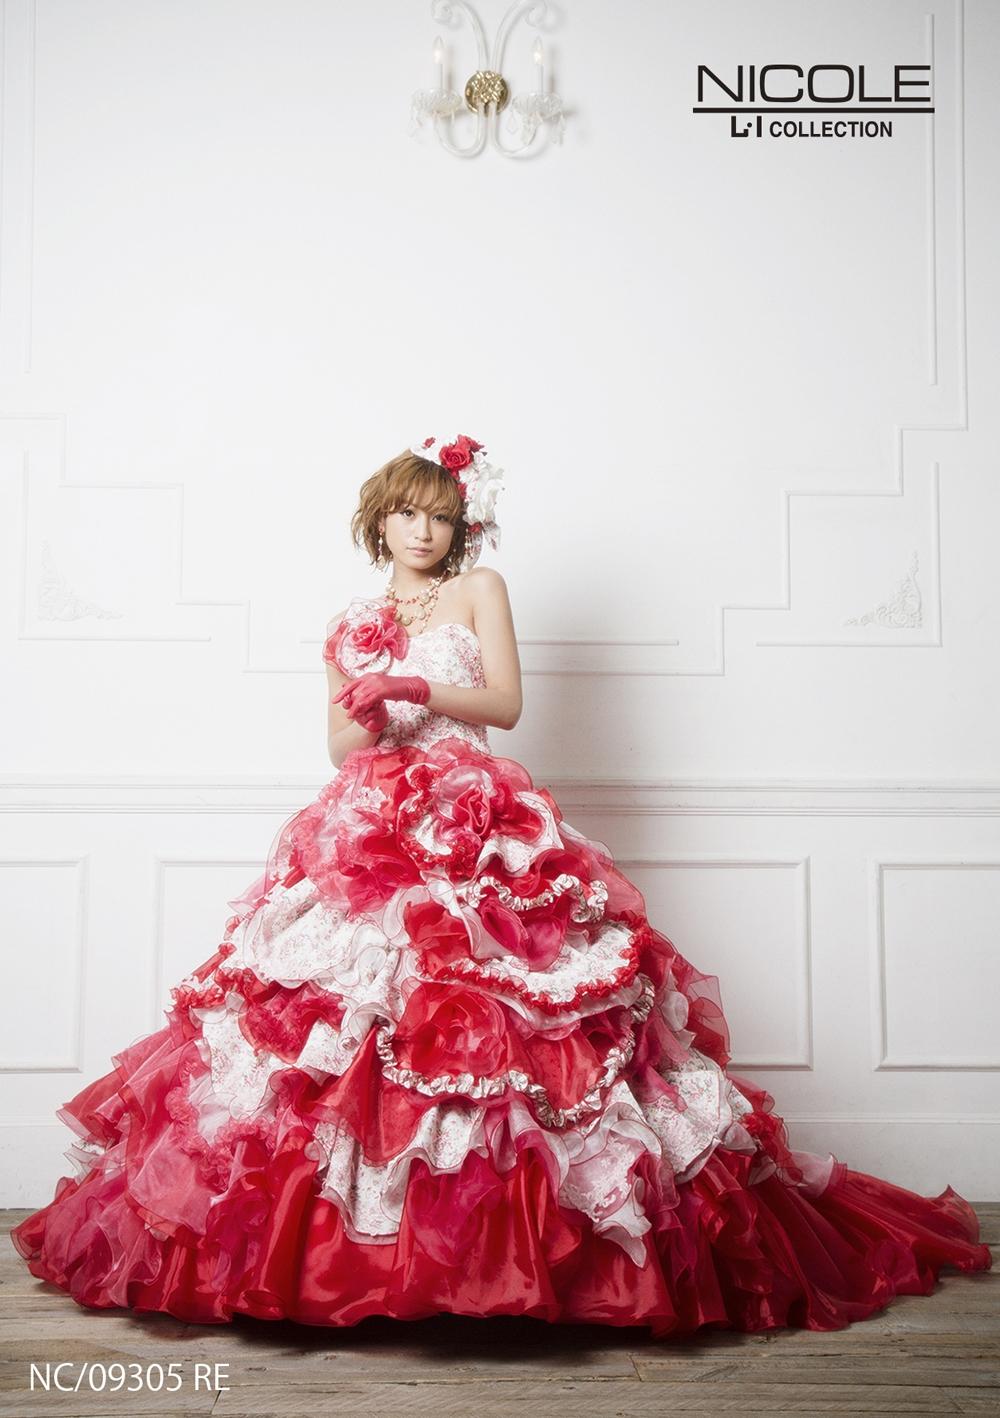 あなたもプリンセスに!結婚式の最適カラードレスの選び方。のサムネイル画像